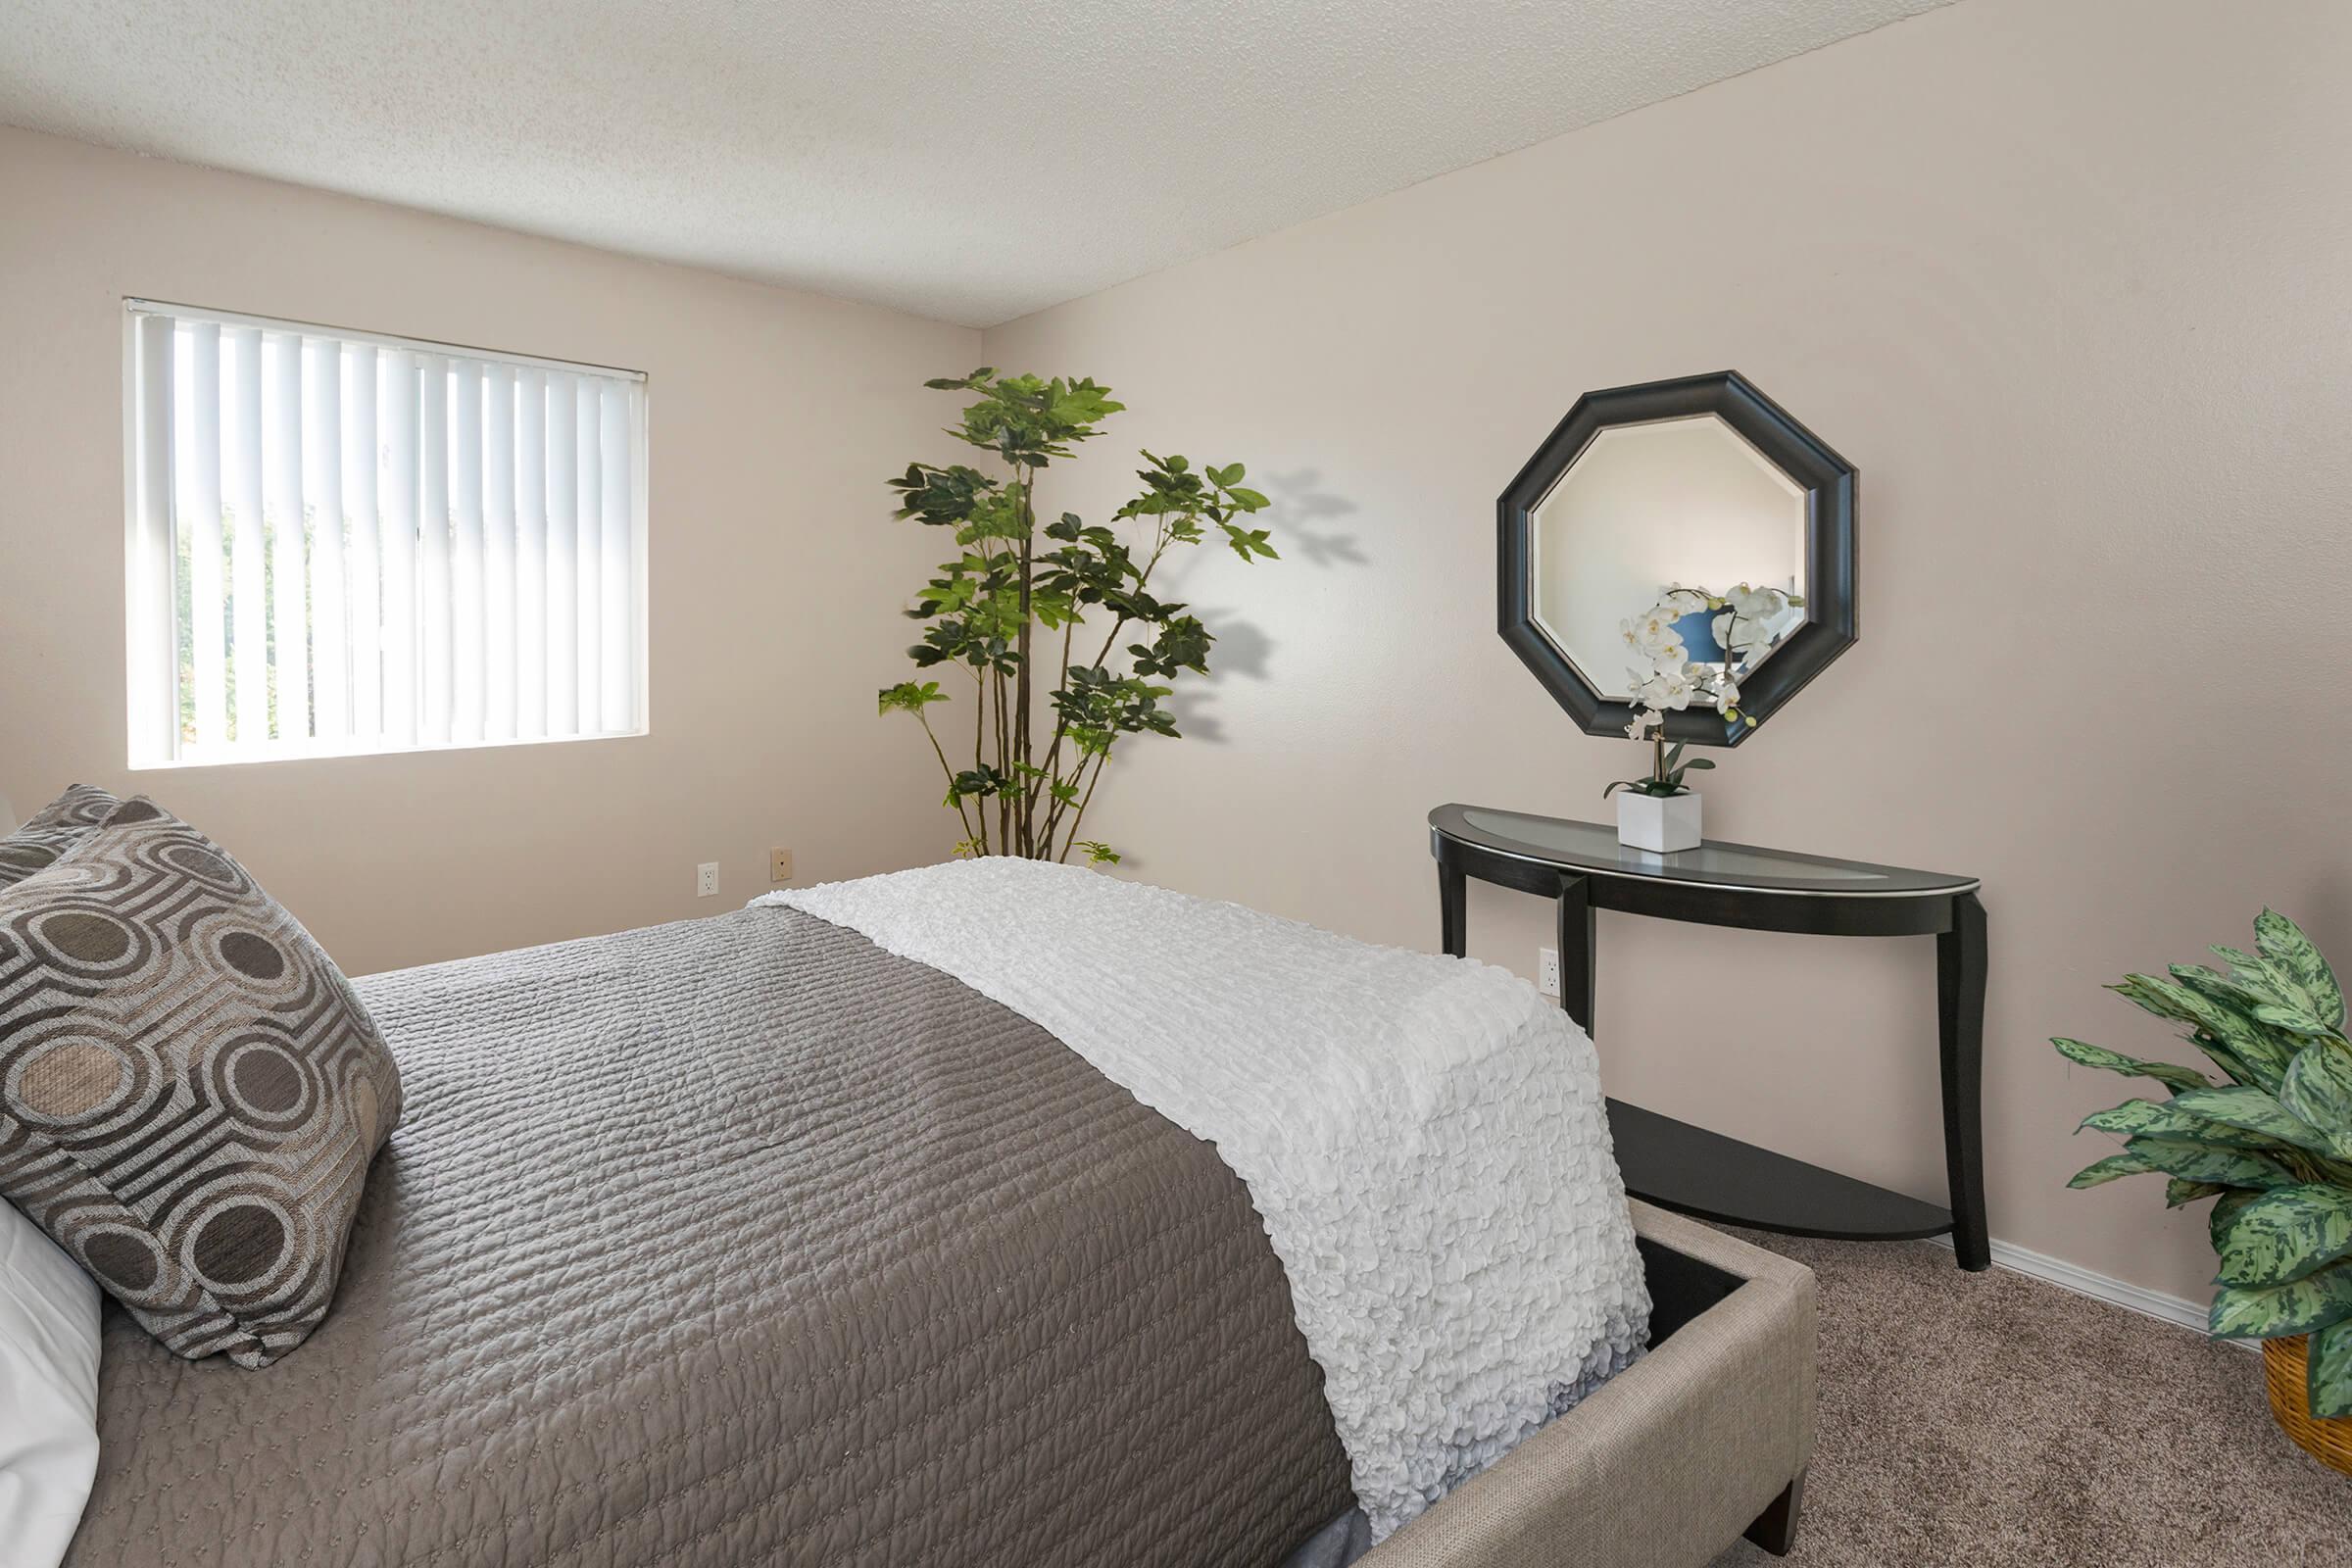 COZY BEDROOMS IN COLORADO SPRINGS, COLORADO